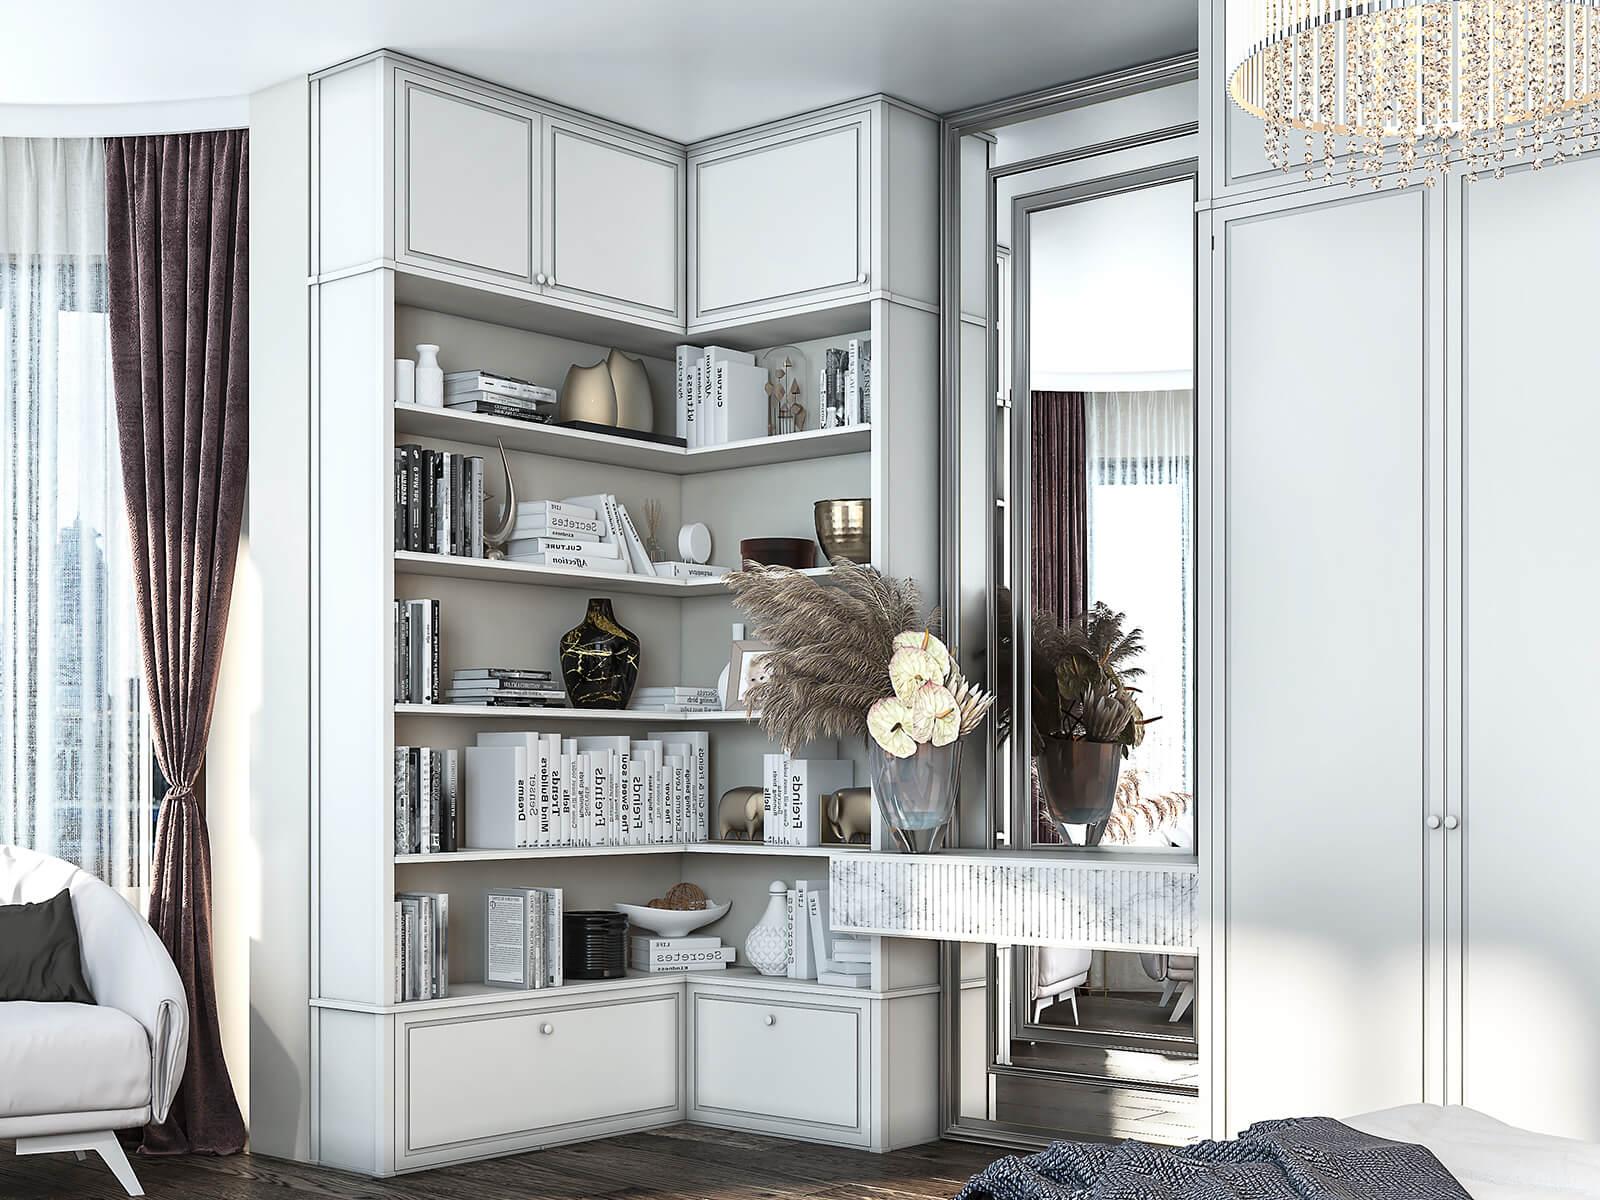 interioren-dizain-proekt-na-roditelska-spalnya